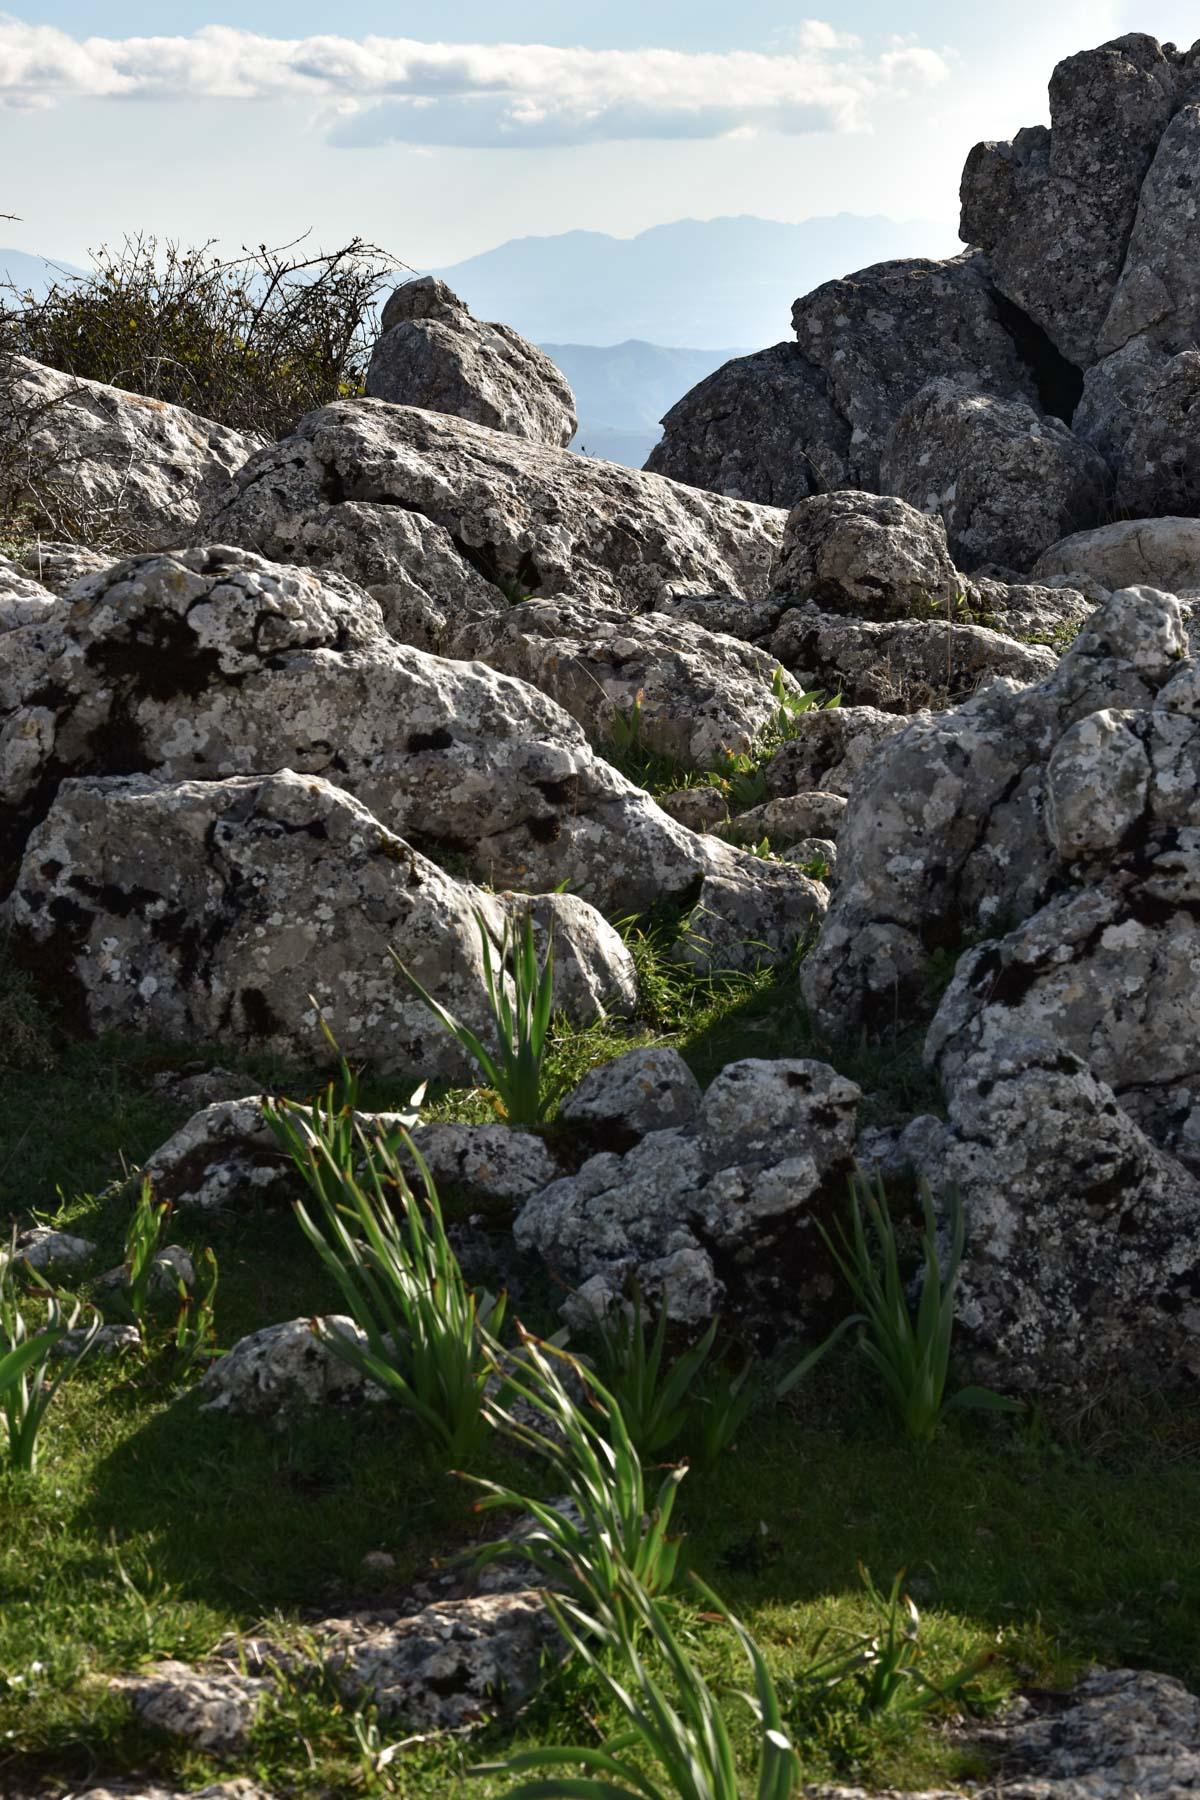 Vue sur les roches du parc El Torca, Andalousie